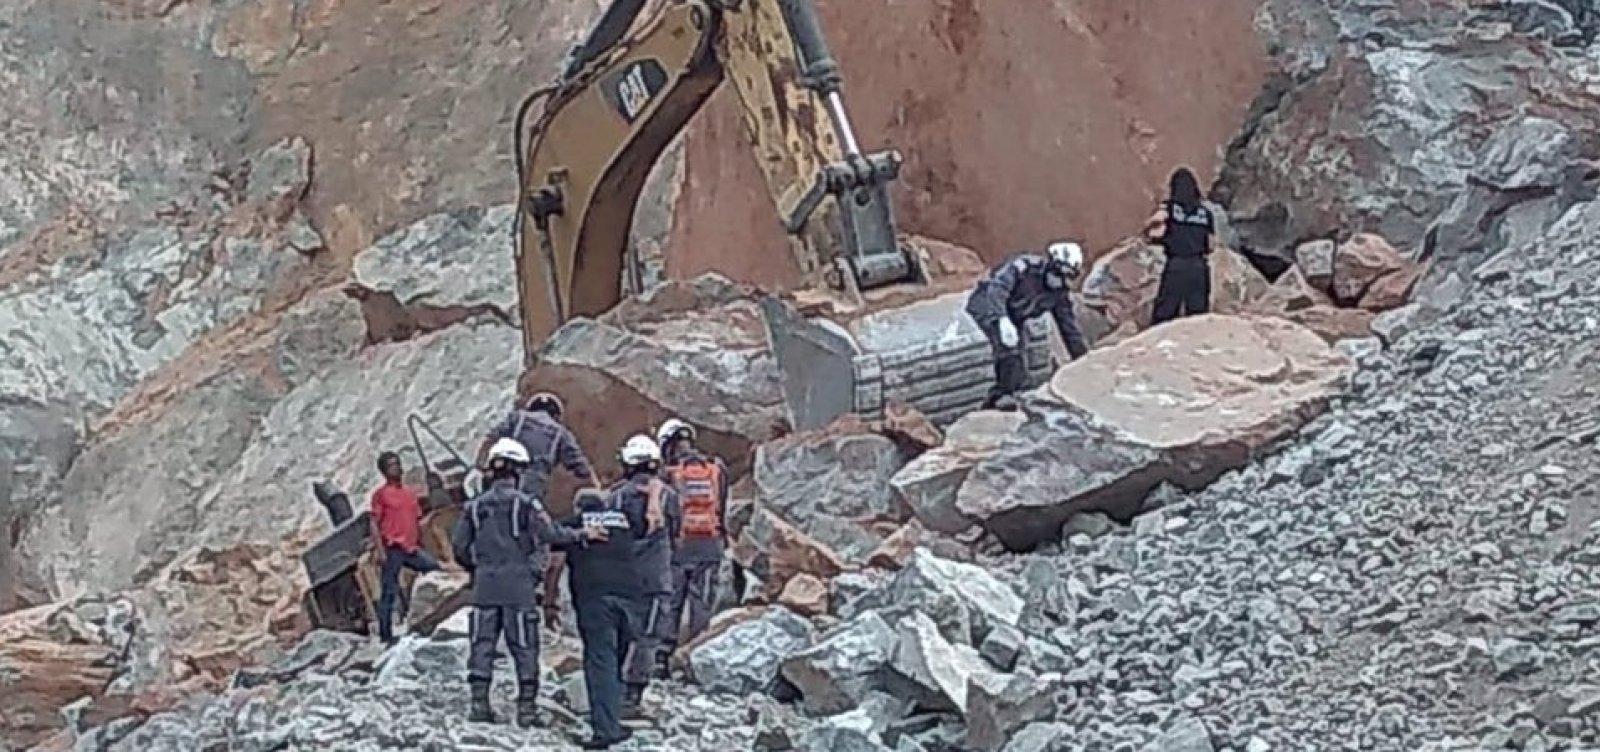 Homem morre após desabamento em pedreira em Lauro de Freitas